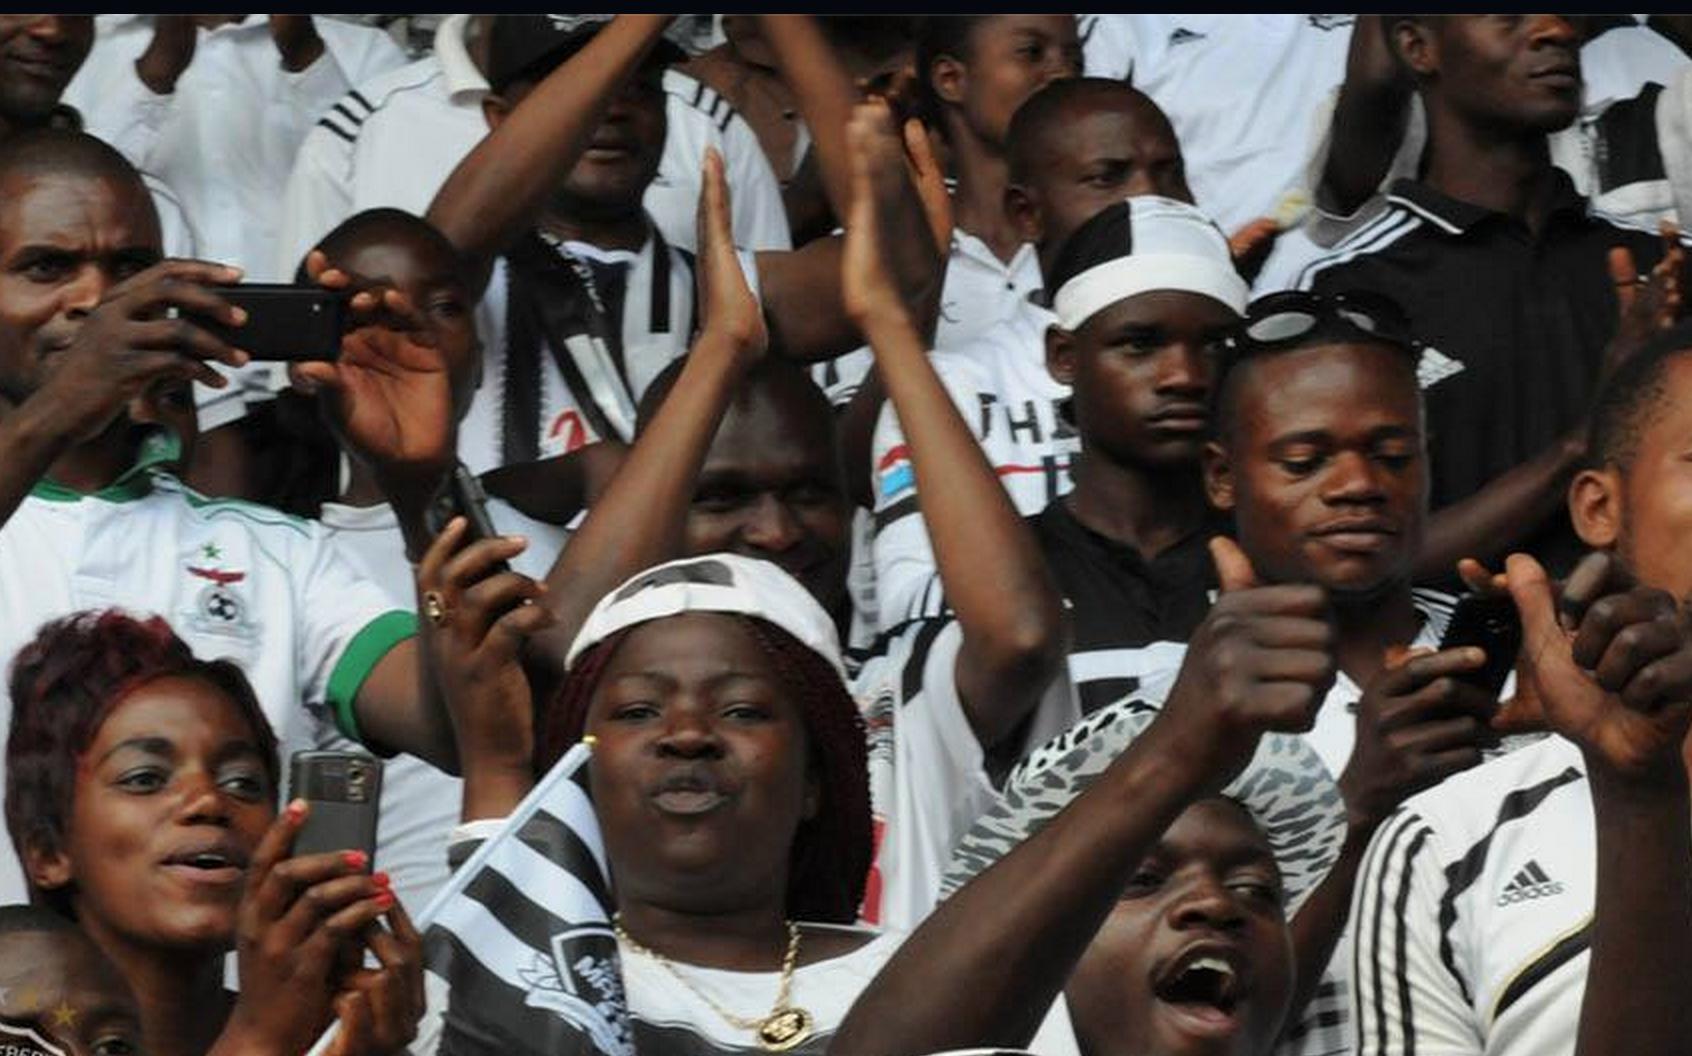 Vainqueur de la demi-finale retour de la Ligue de champions de la Caf dimanche 4 octobre face à El Merreikh (3-0), le TP Mazembe se qualifie pour la finale de la plus prestigieuse compétition de clubs africains.